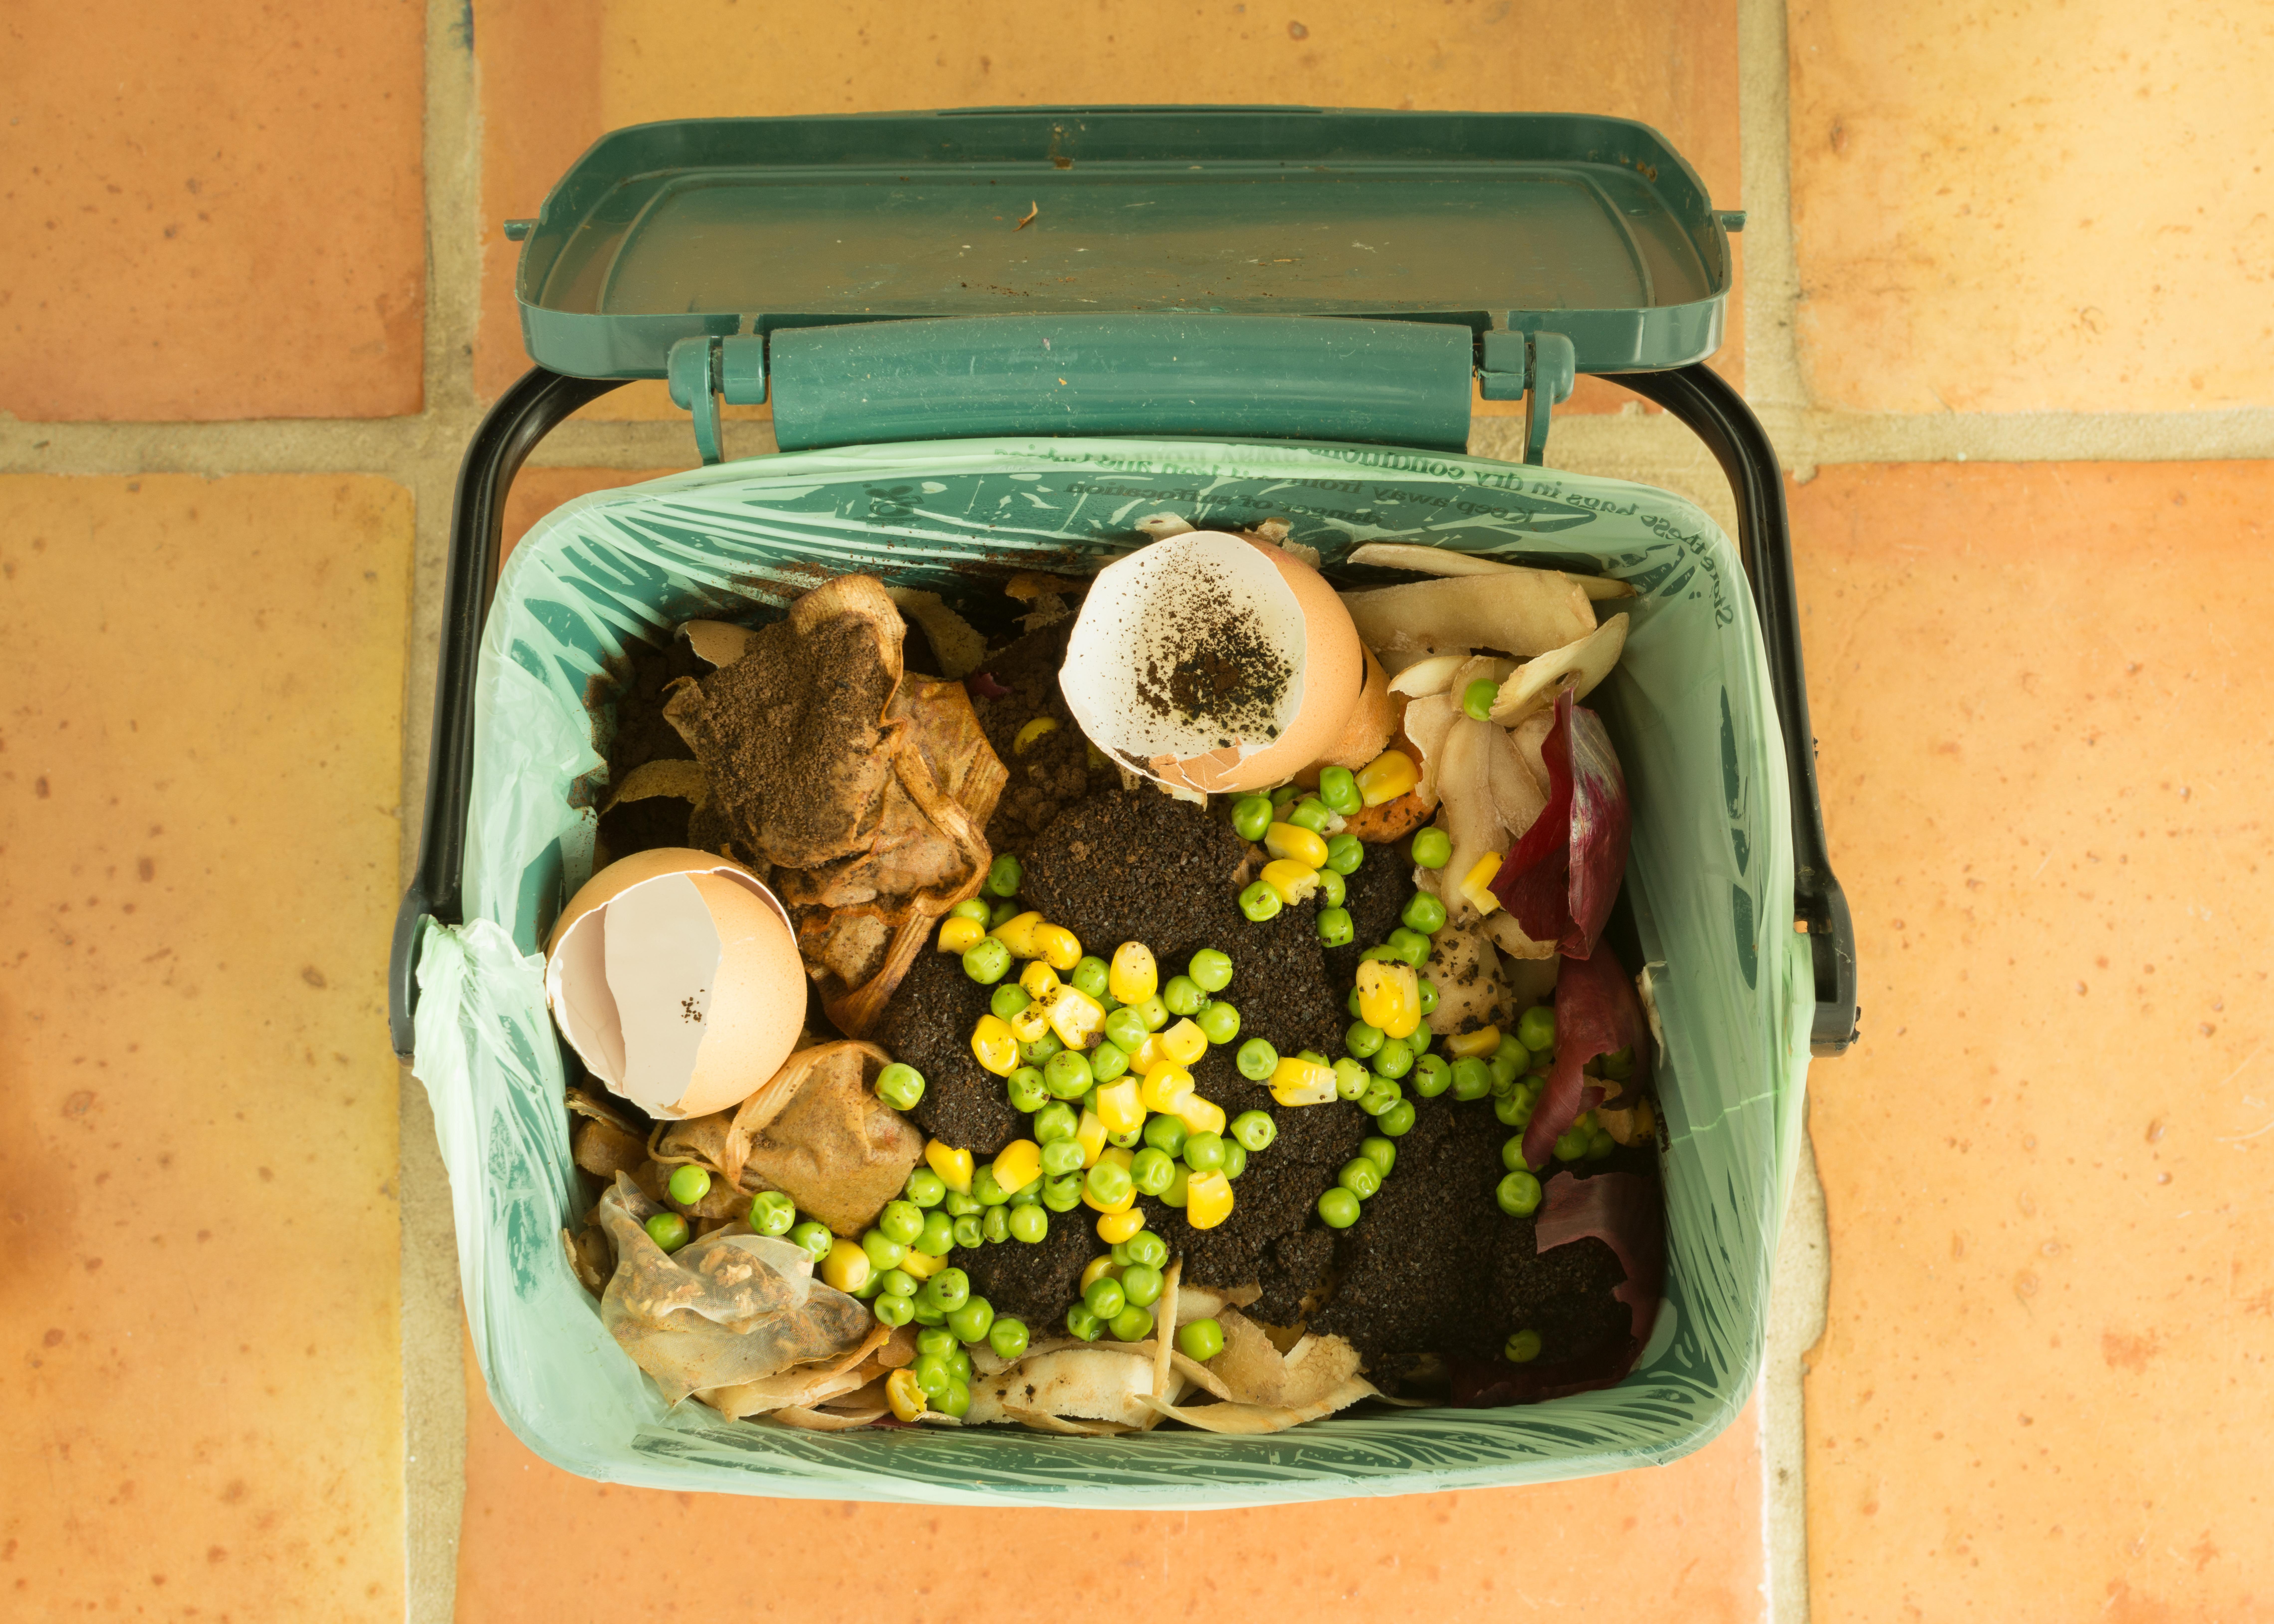 food waste_366308015